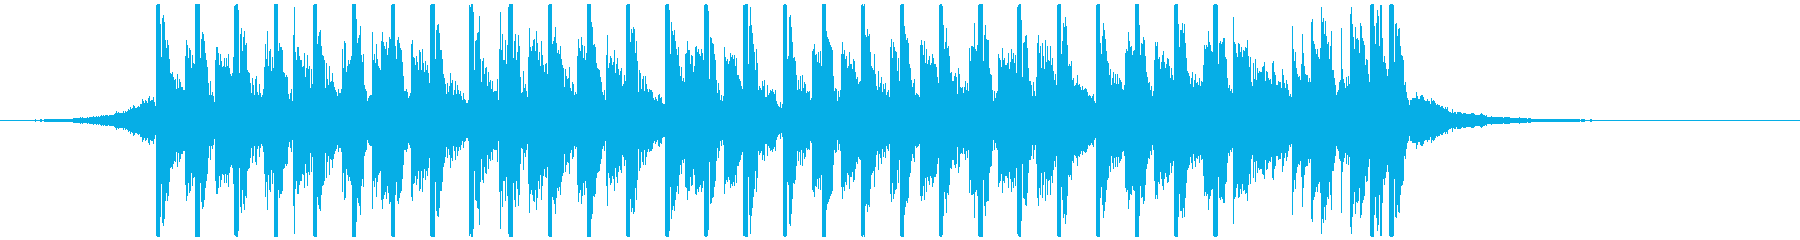 ポップパーティー(20秒)の再生済みの波形